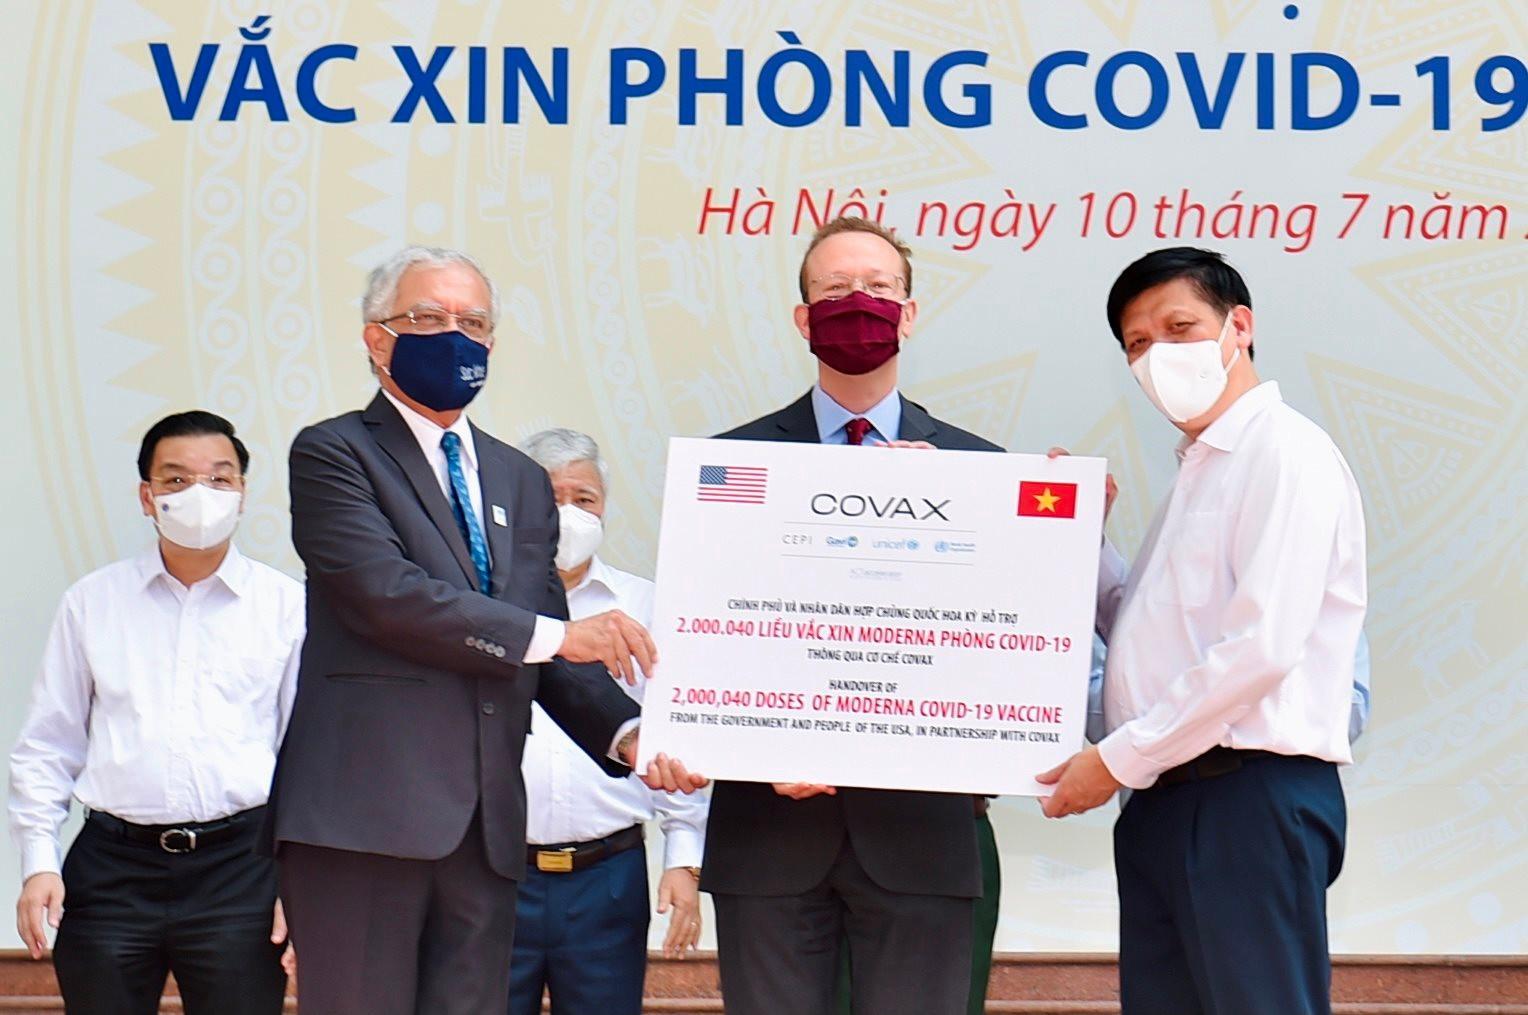 tiep-nhan-vaccine-covax1.jpg